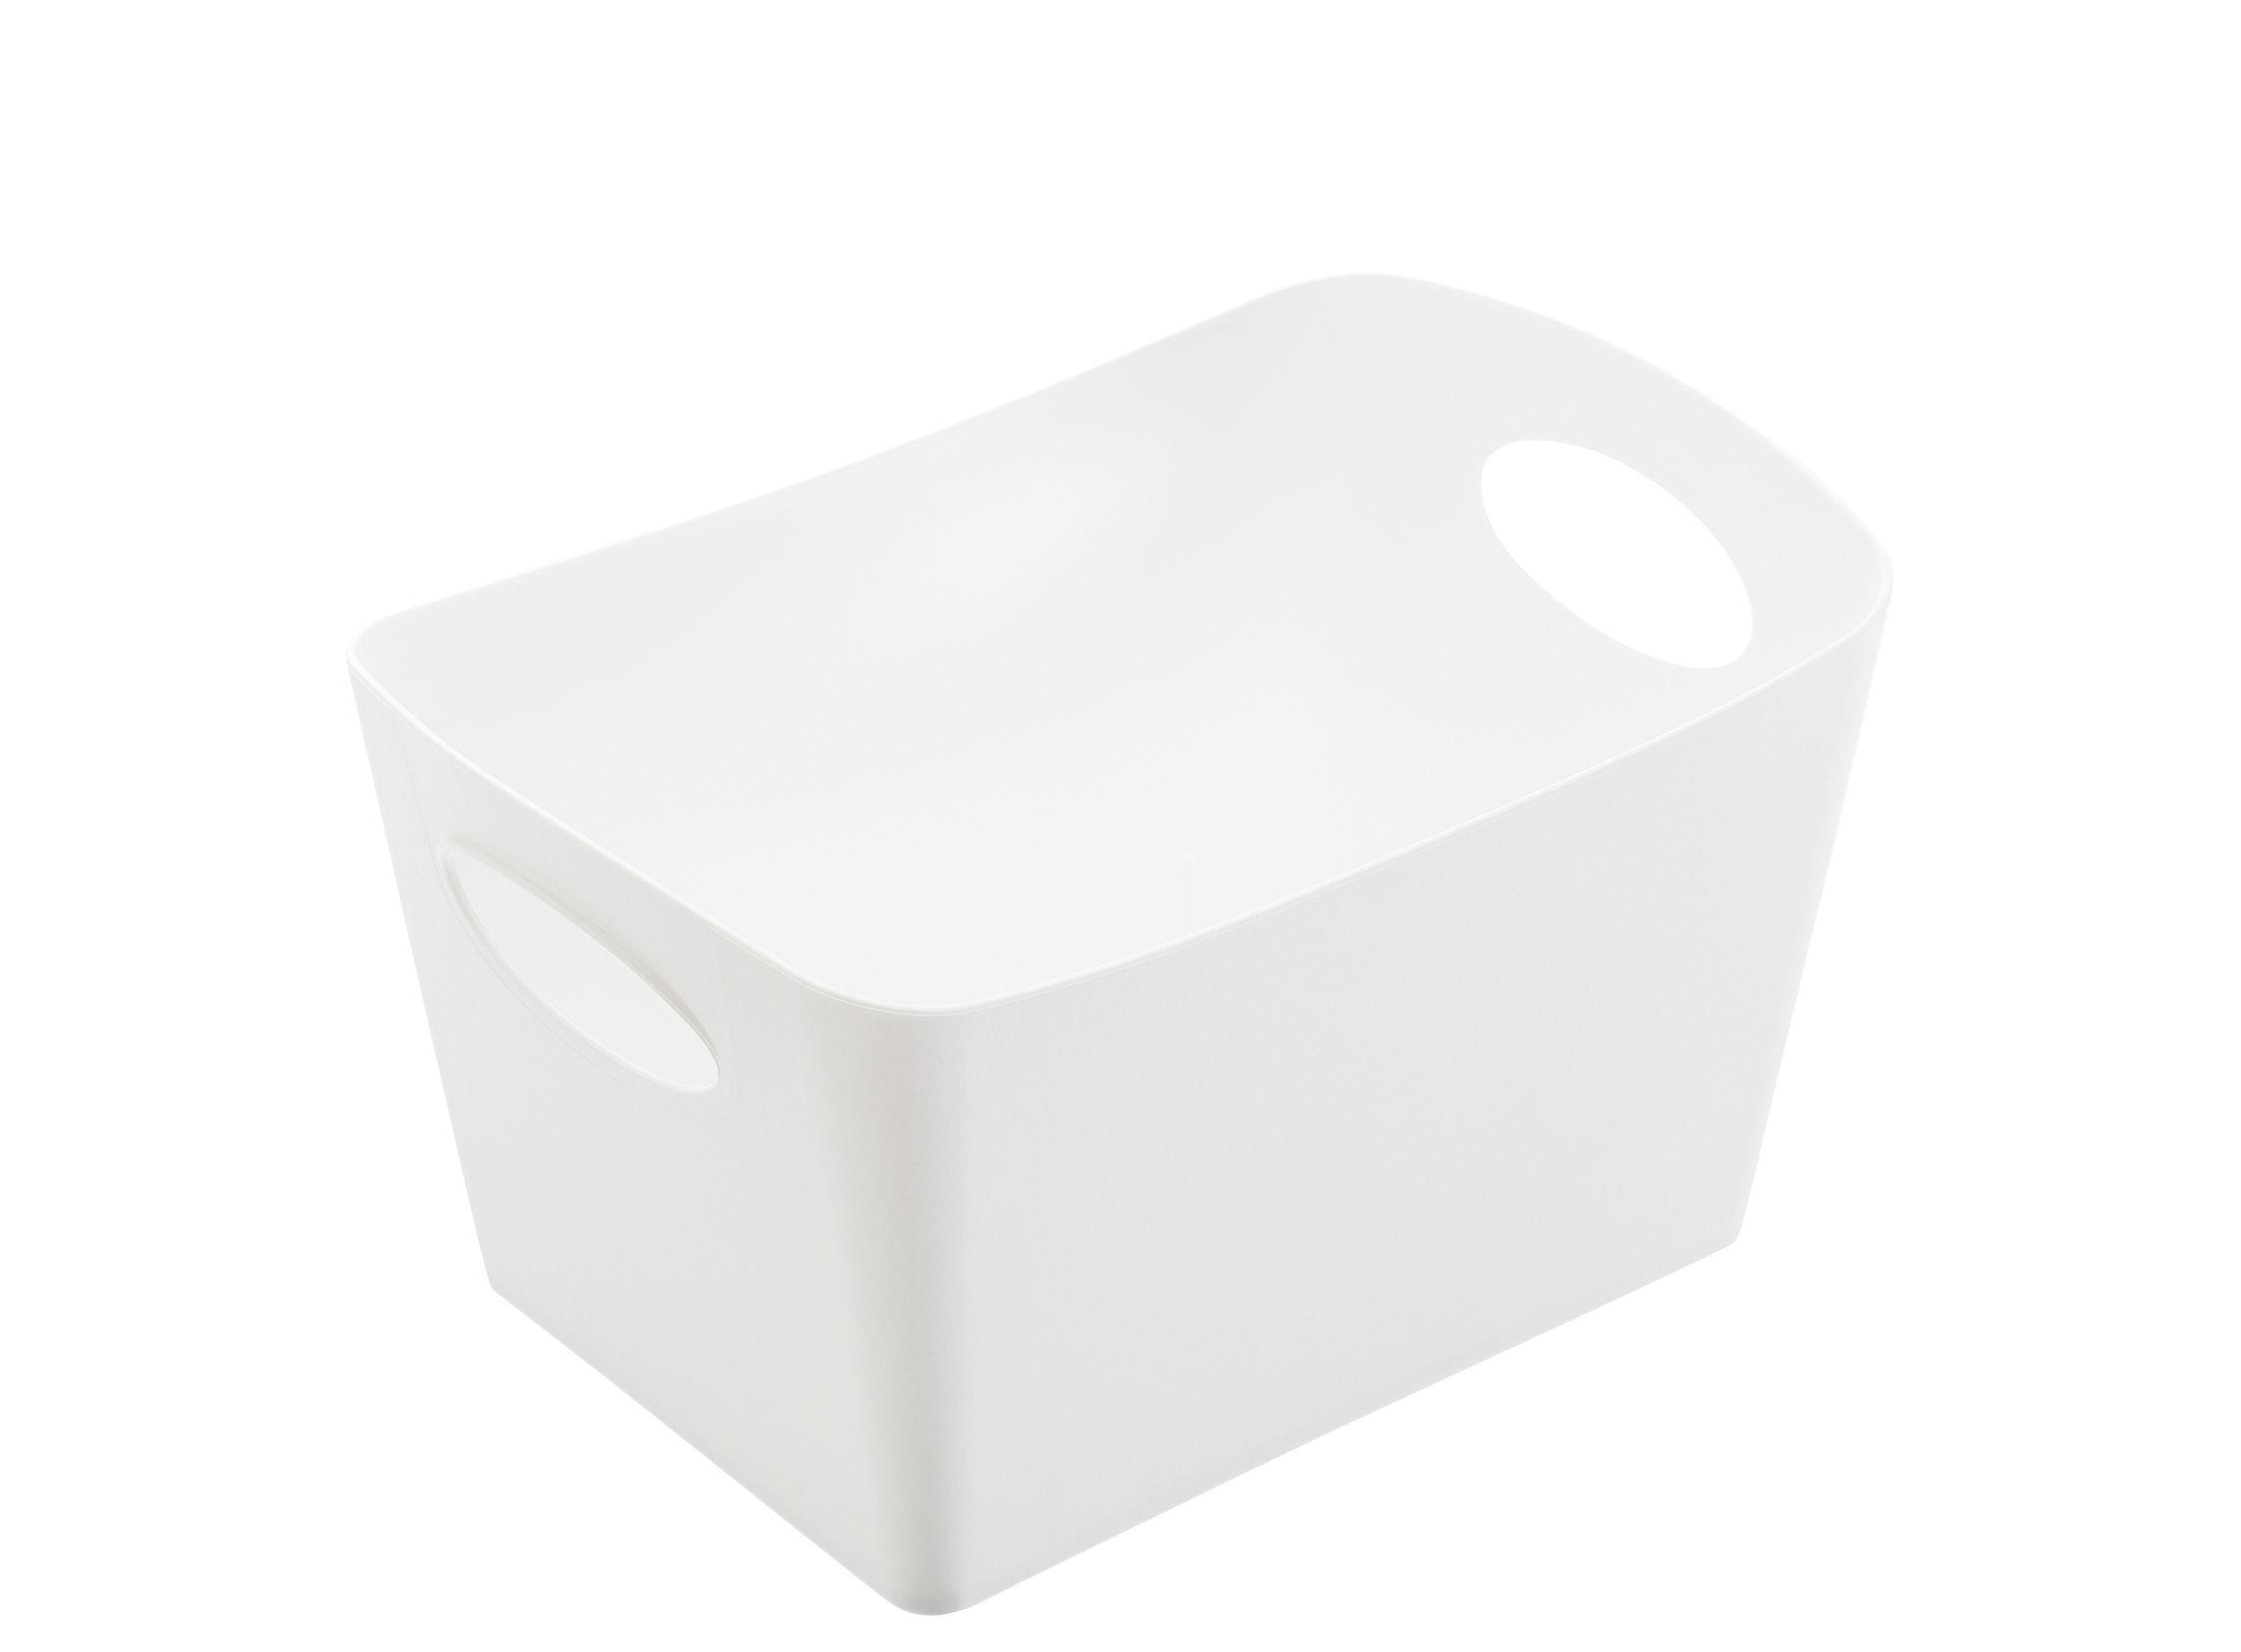 Decoration - Boxes & Baskets - Boxxxx S Basket - 1 L by Koziol - Solid white - Plastic material